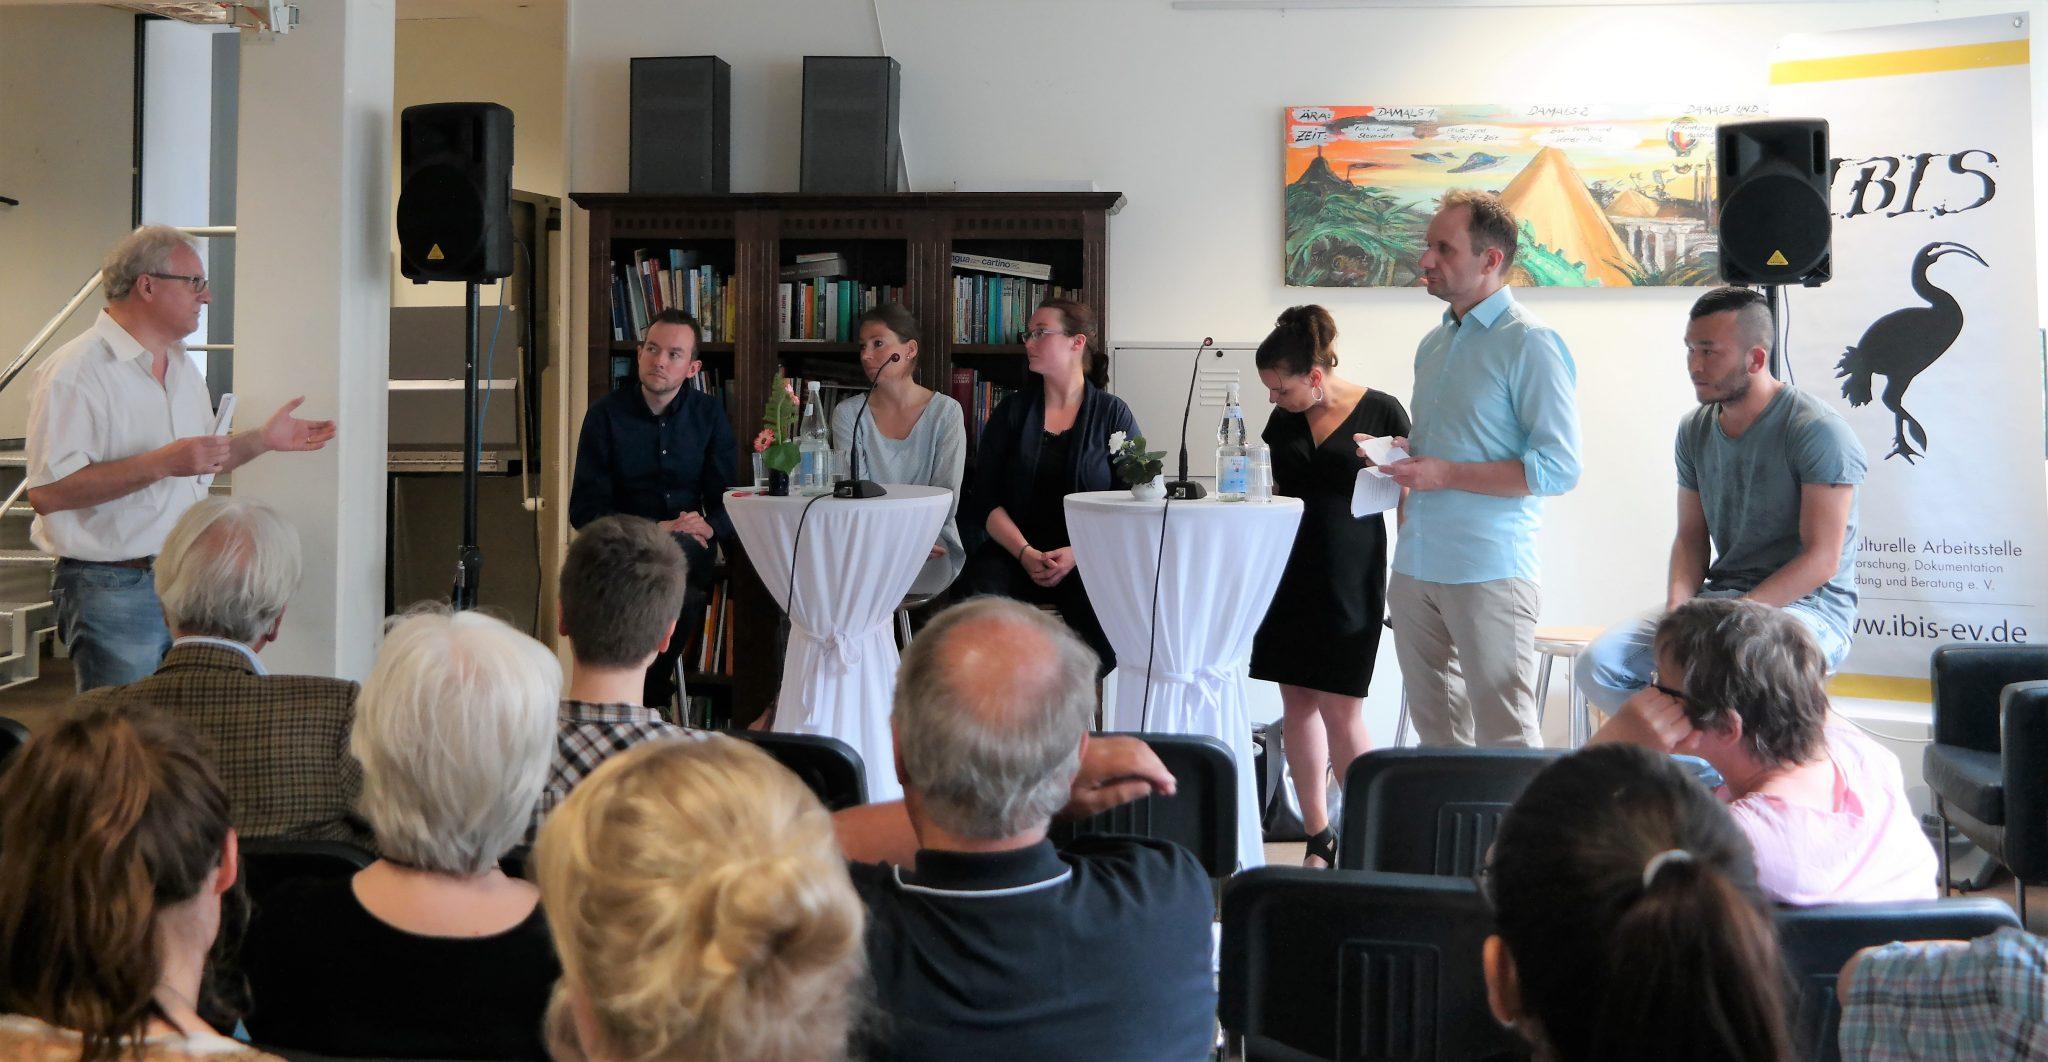 """Rückblick Fishbowl- Diskussion """"Ehrenamt Als Teil Der Willkommenskultur"""" – Lob, Anregungen Und Kritik Zur Ehrenamtsarbeit"""